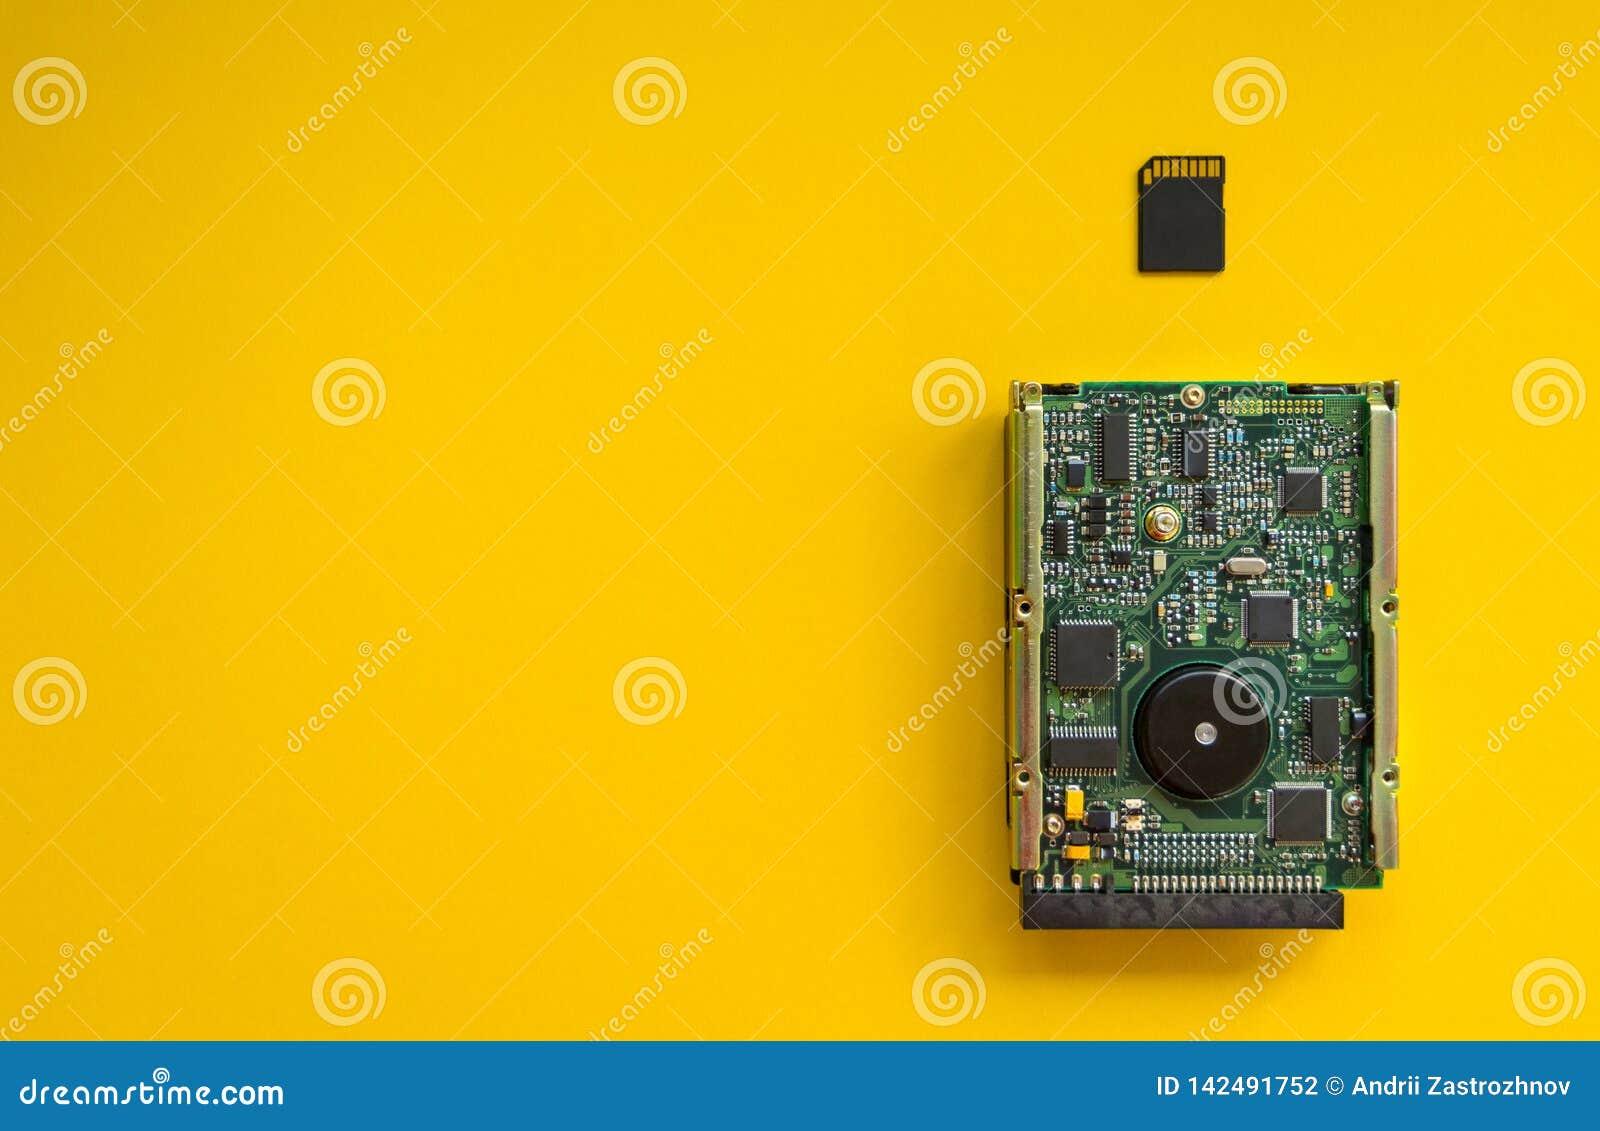 Революция запоминающих устройств технологии на желтой предпосылке, концепции Жесткий диск и карта памяти